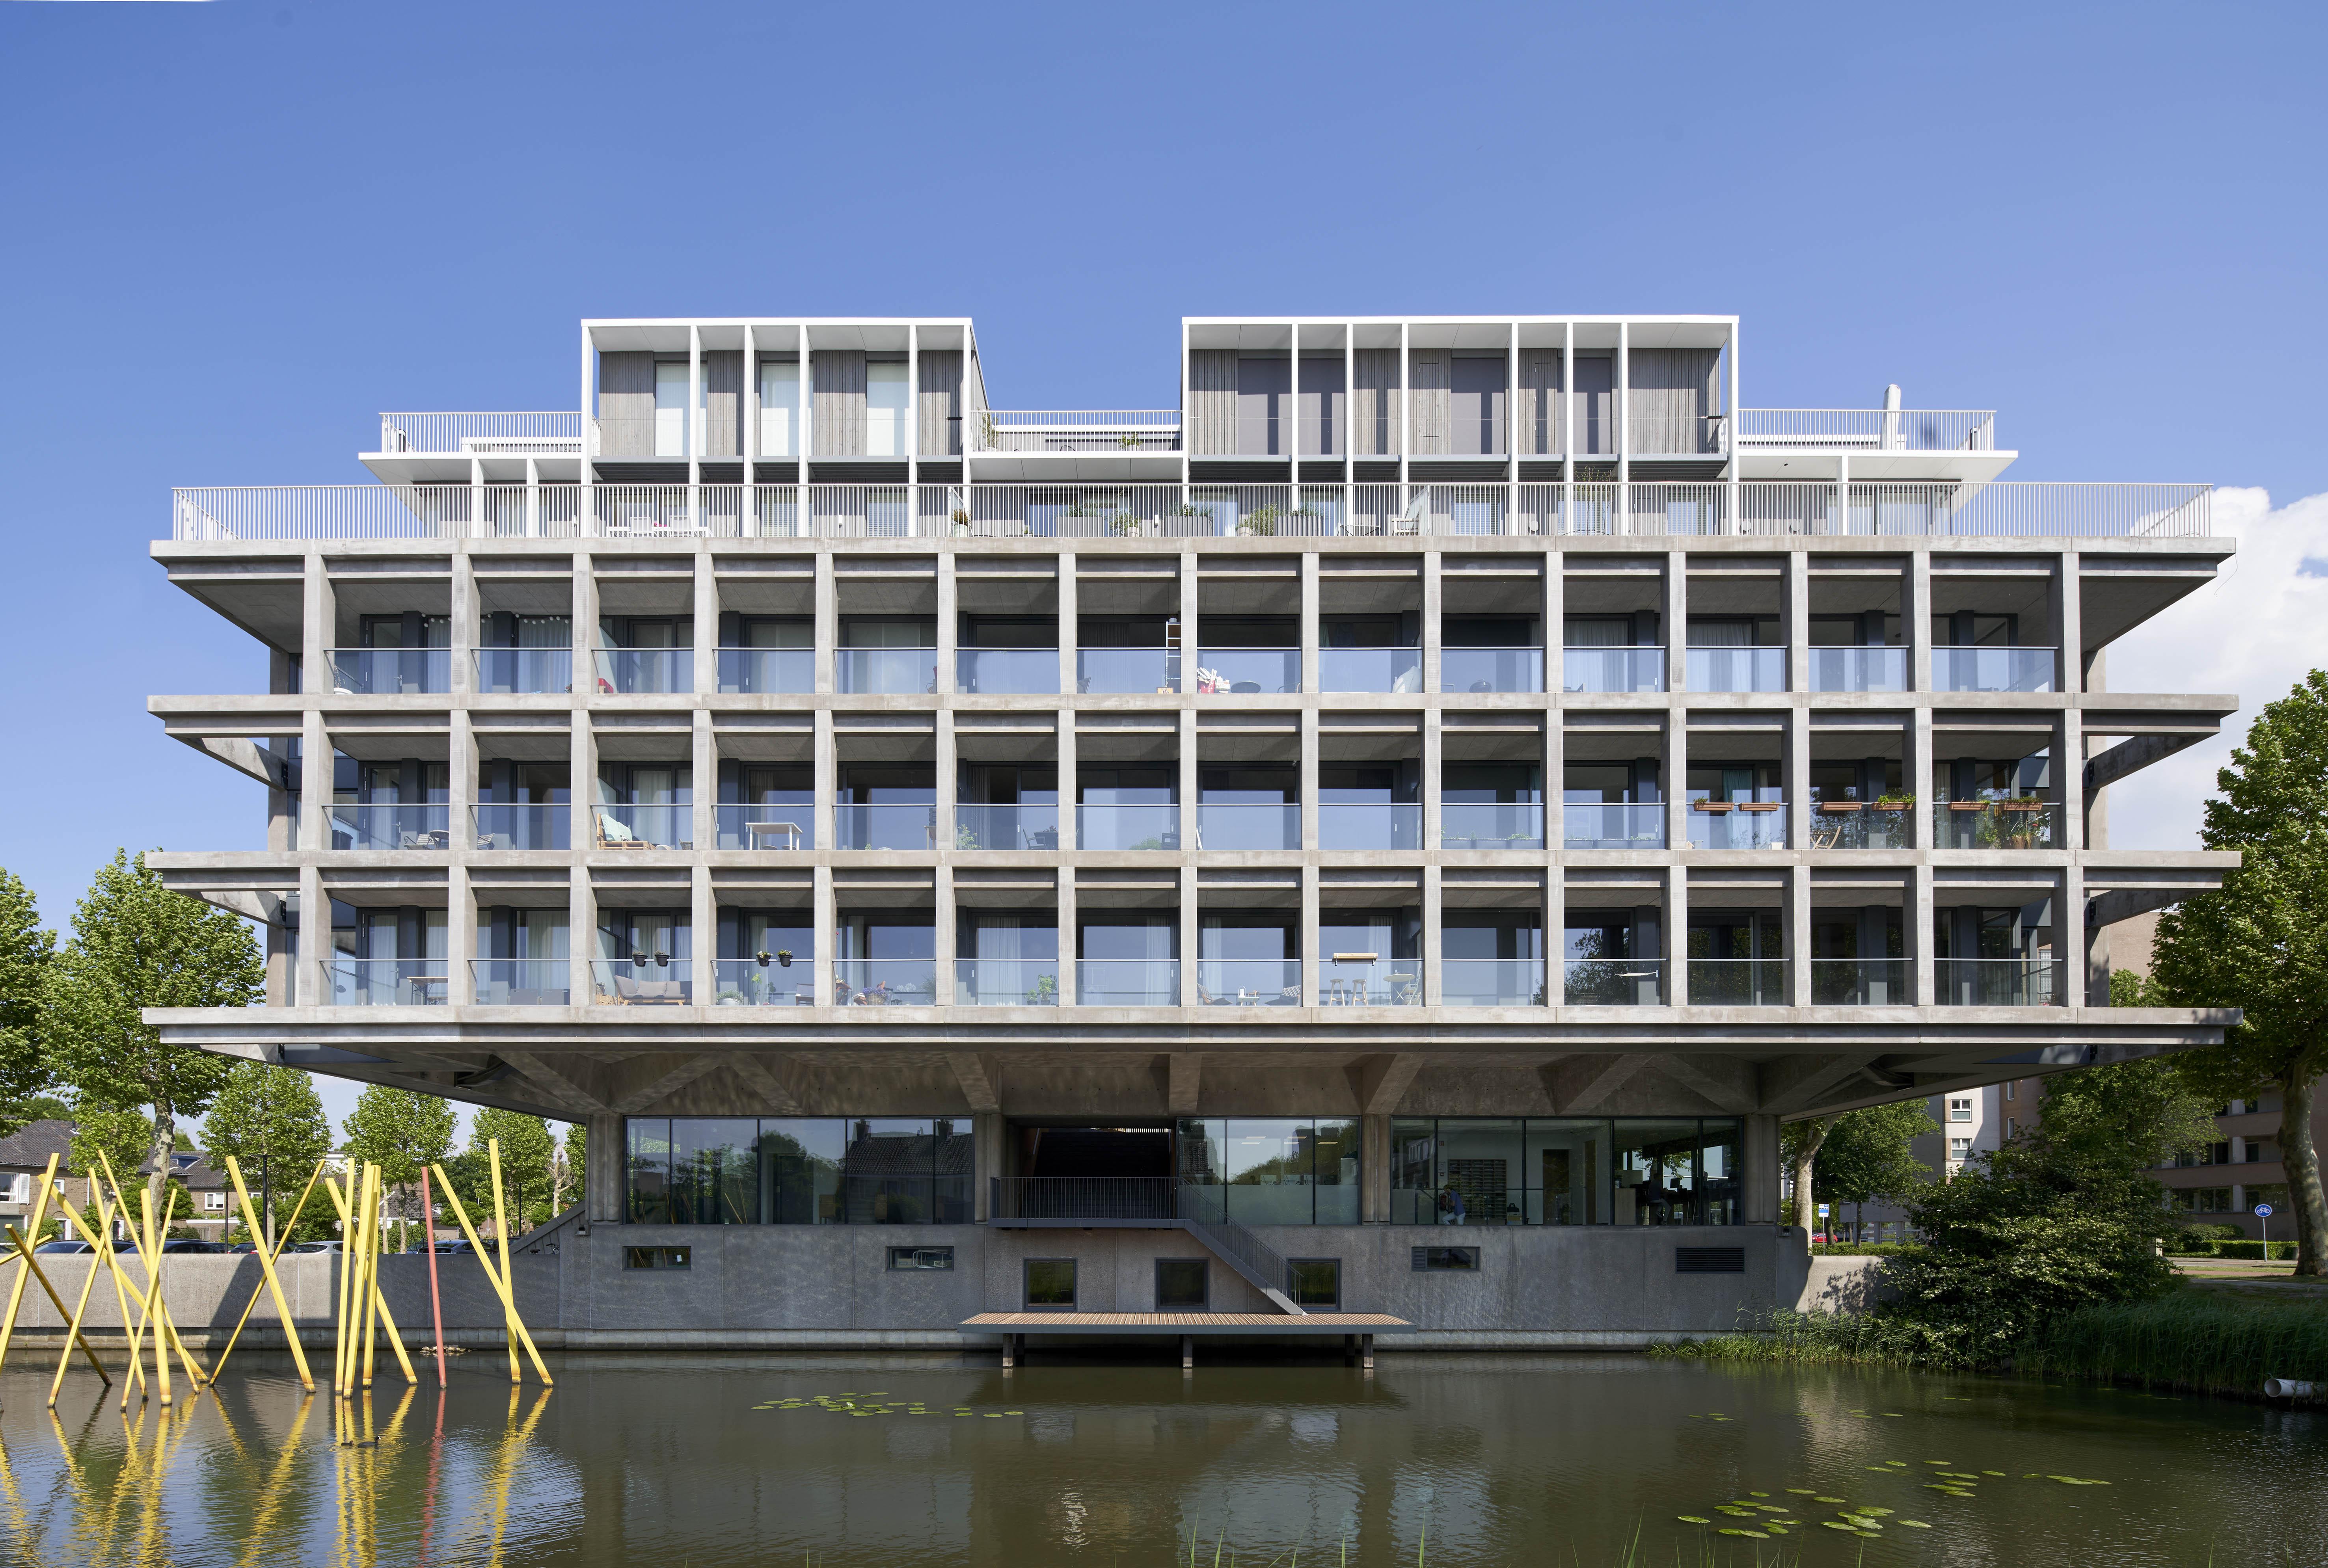 <p>Transformatie kantoorgebouw Schubertsingel Den Bosch door Houben / Van Mierlo Architecten. Beeld Rene de Wit</p>